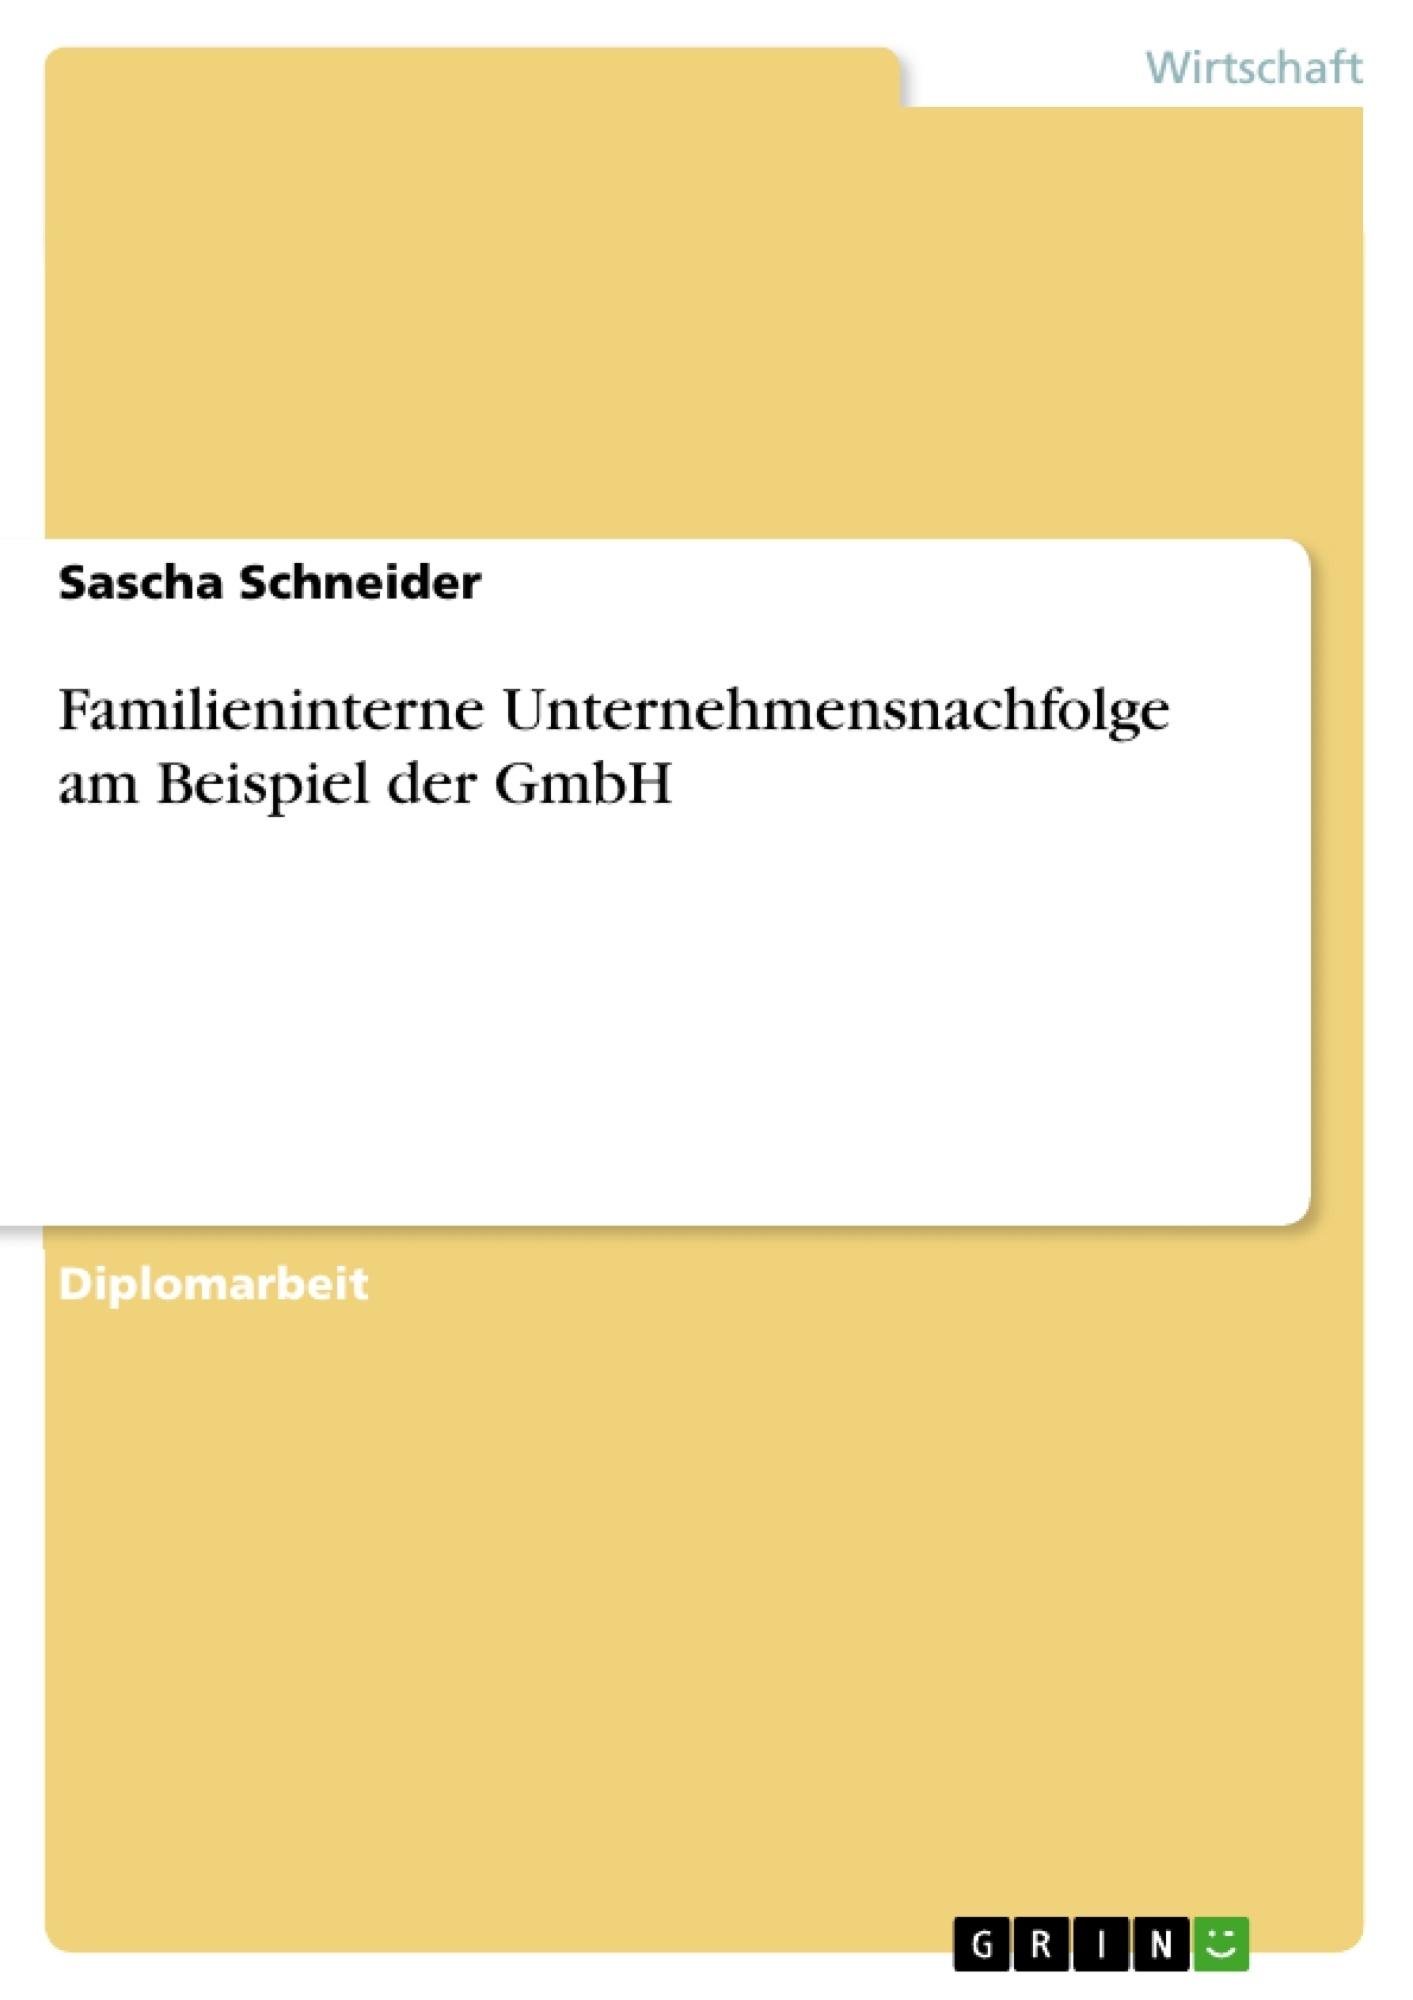 Titel: Familieninterne Unternehmensnachfolge am Beispiel der GmbH